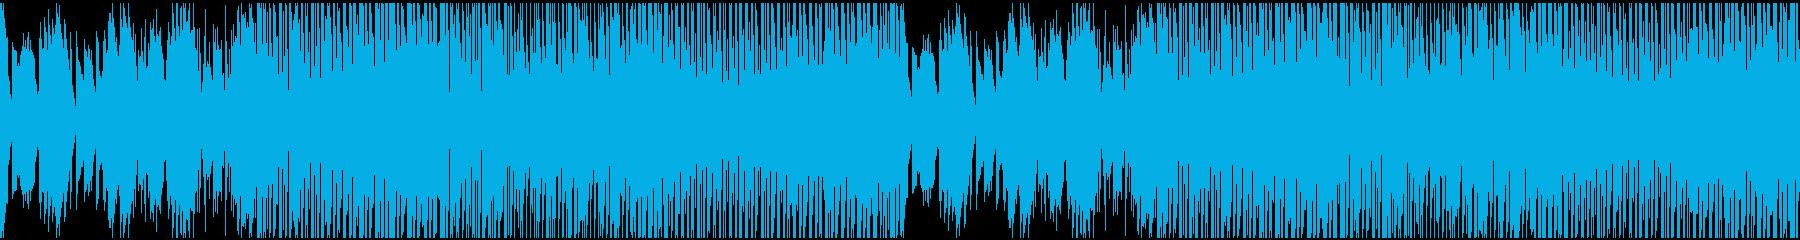 可愛いエレクトリックなループ仕様の曲の再生済みの波形